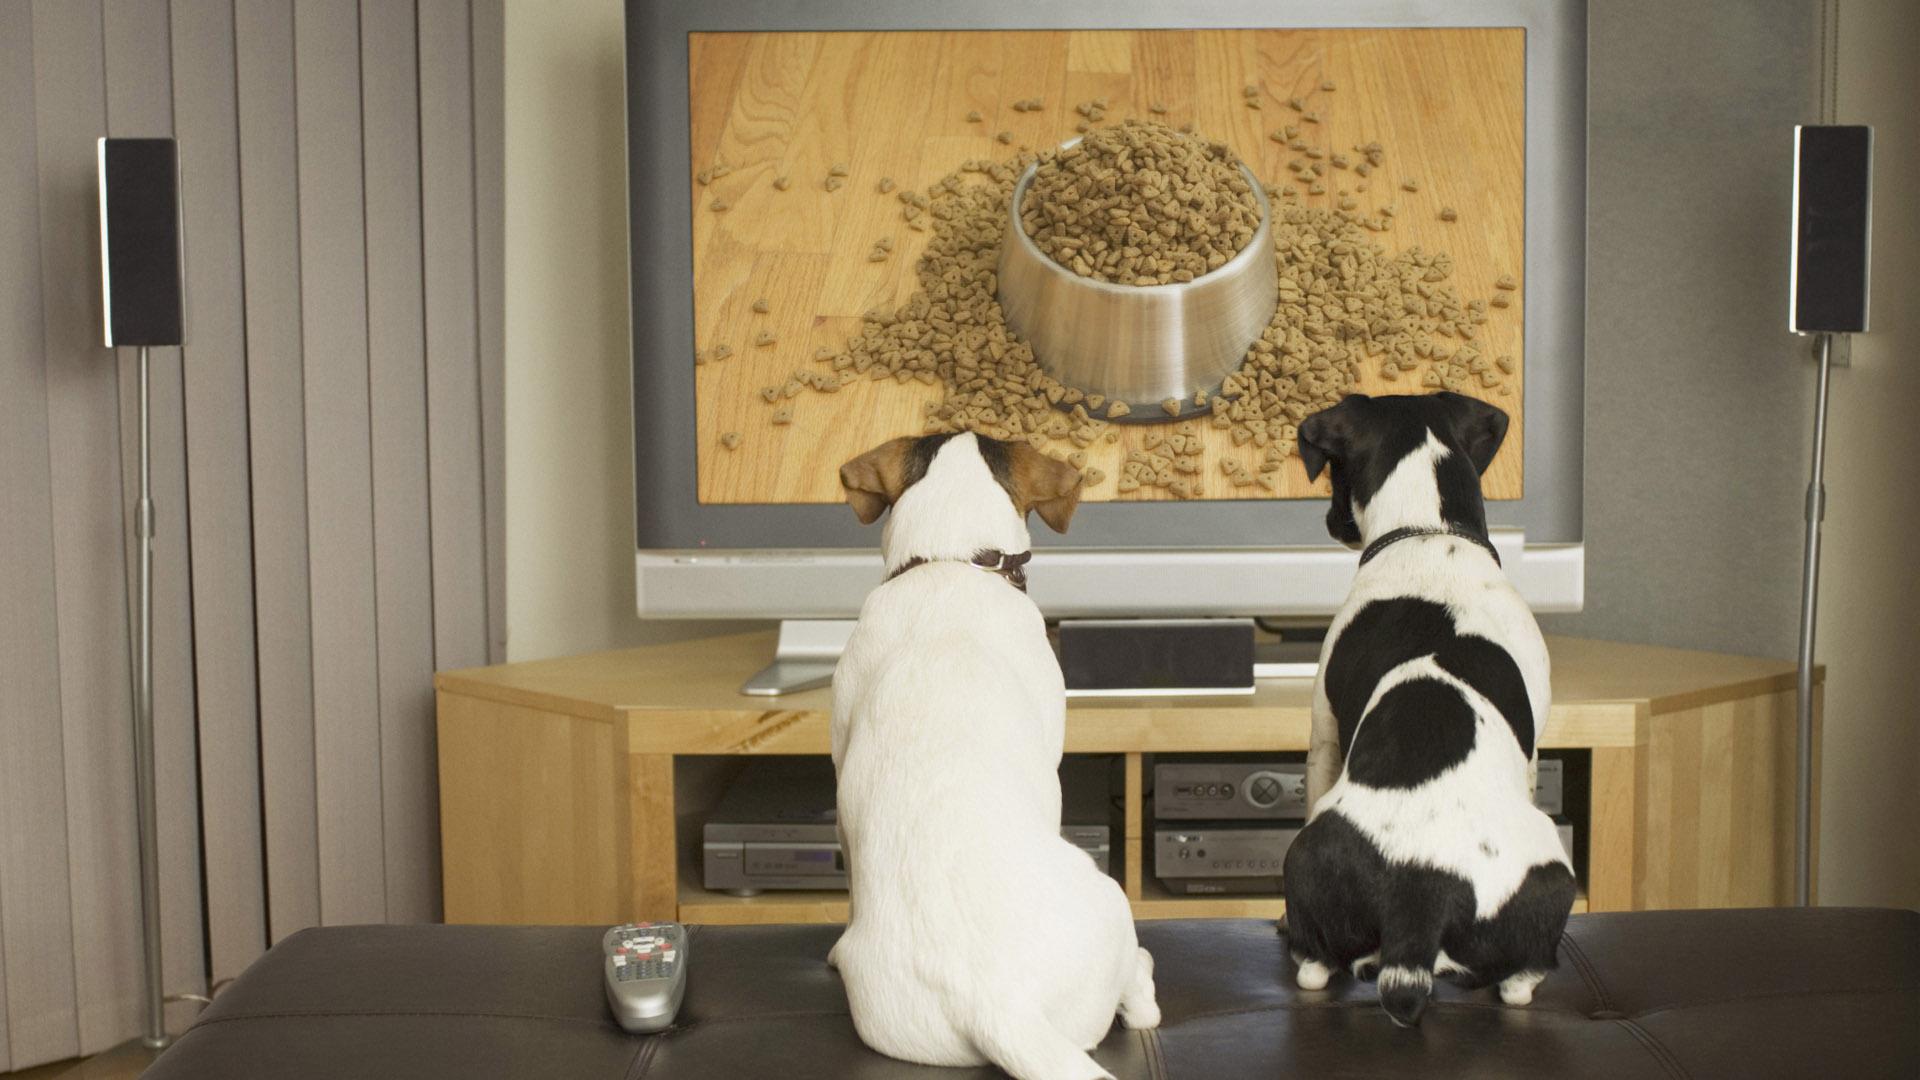 Un estudio realizado por la Universidad de Lancashire Central demostró que a los ganes les gusta pasar tiempo frente a la TV